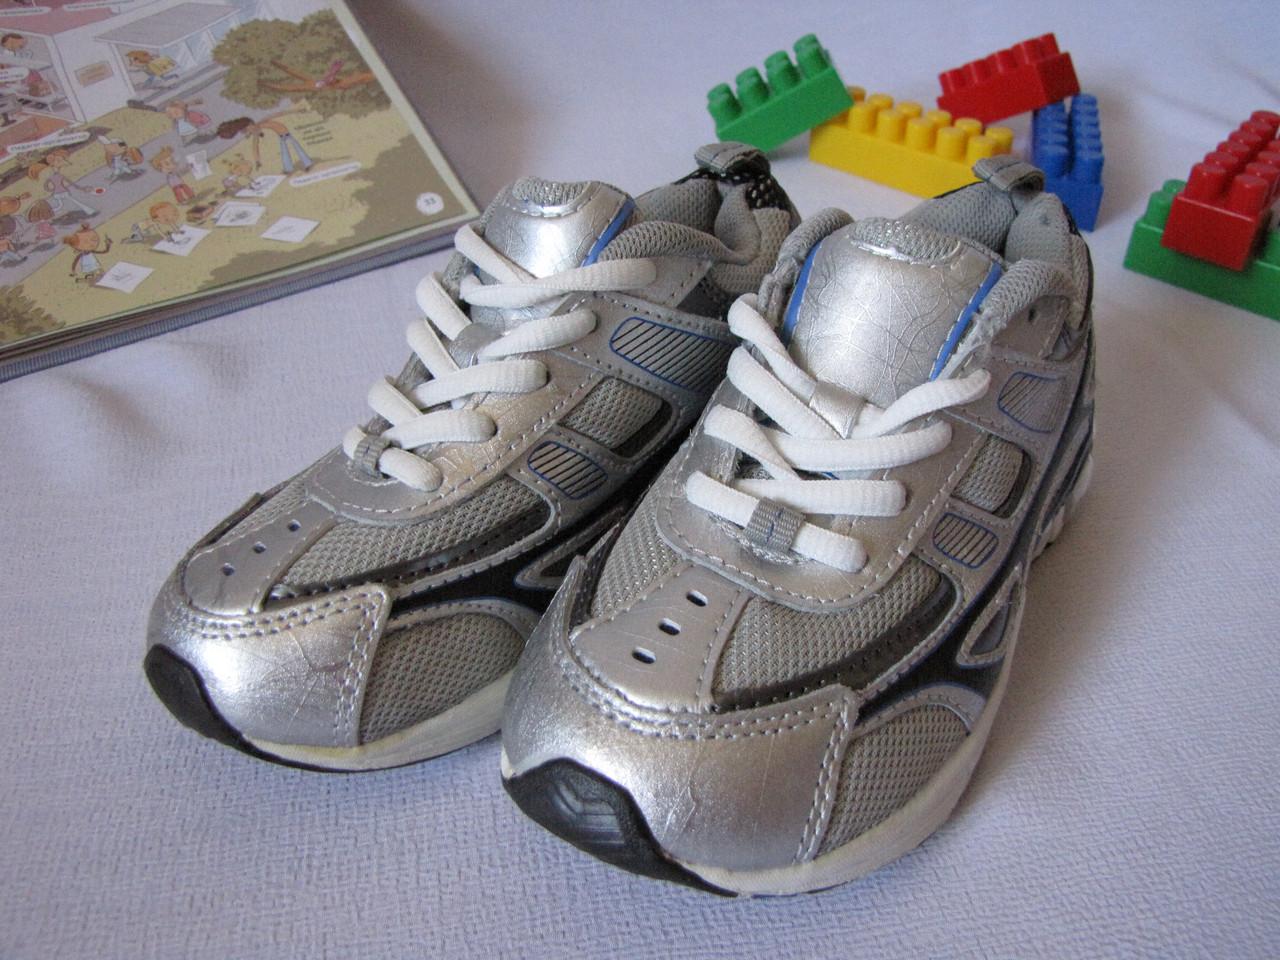 Кроссовки детские Jumping Beans оригинал размер 27.5 светло серые 08002/01